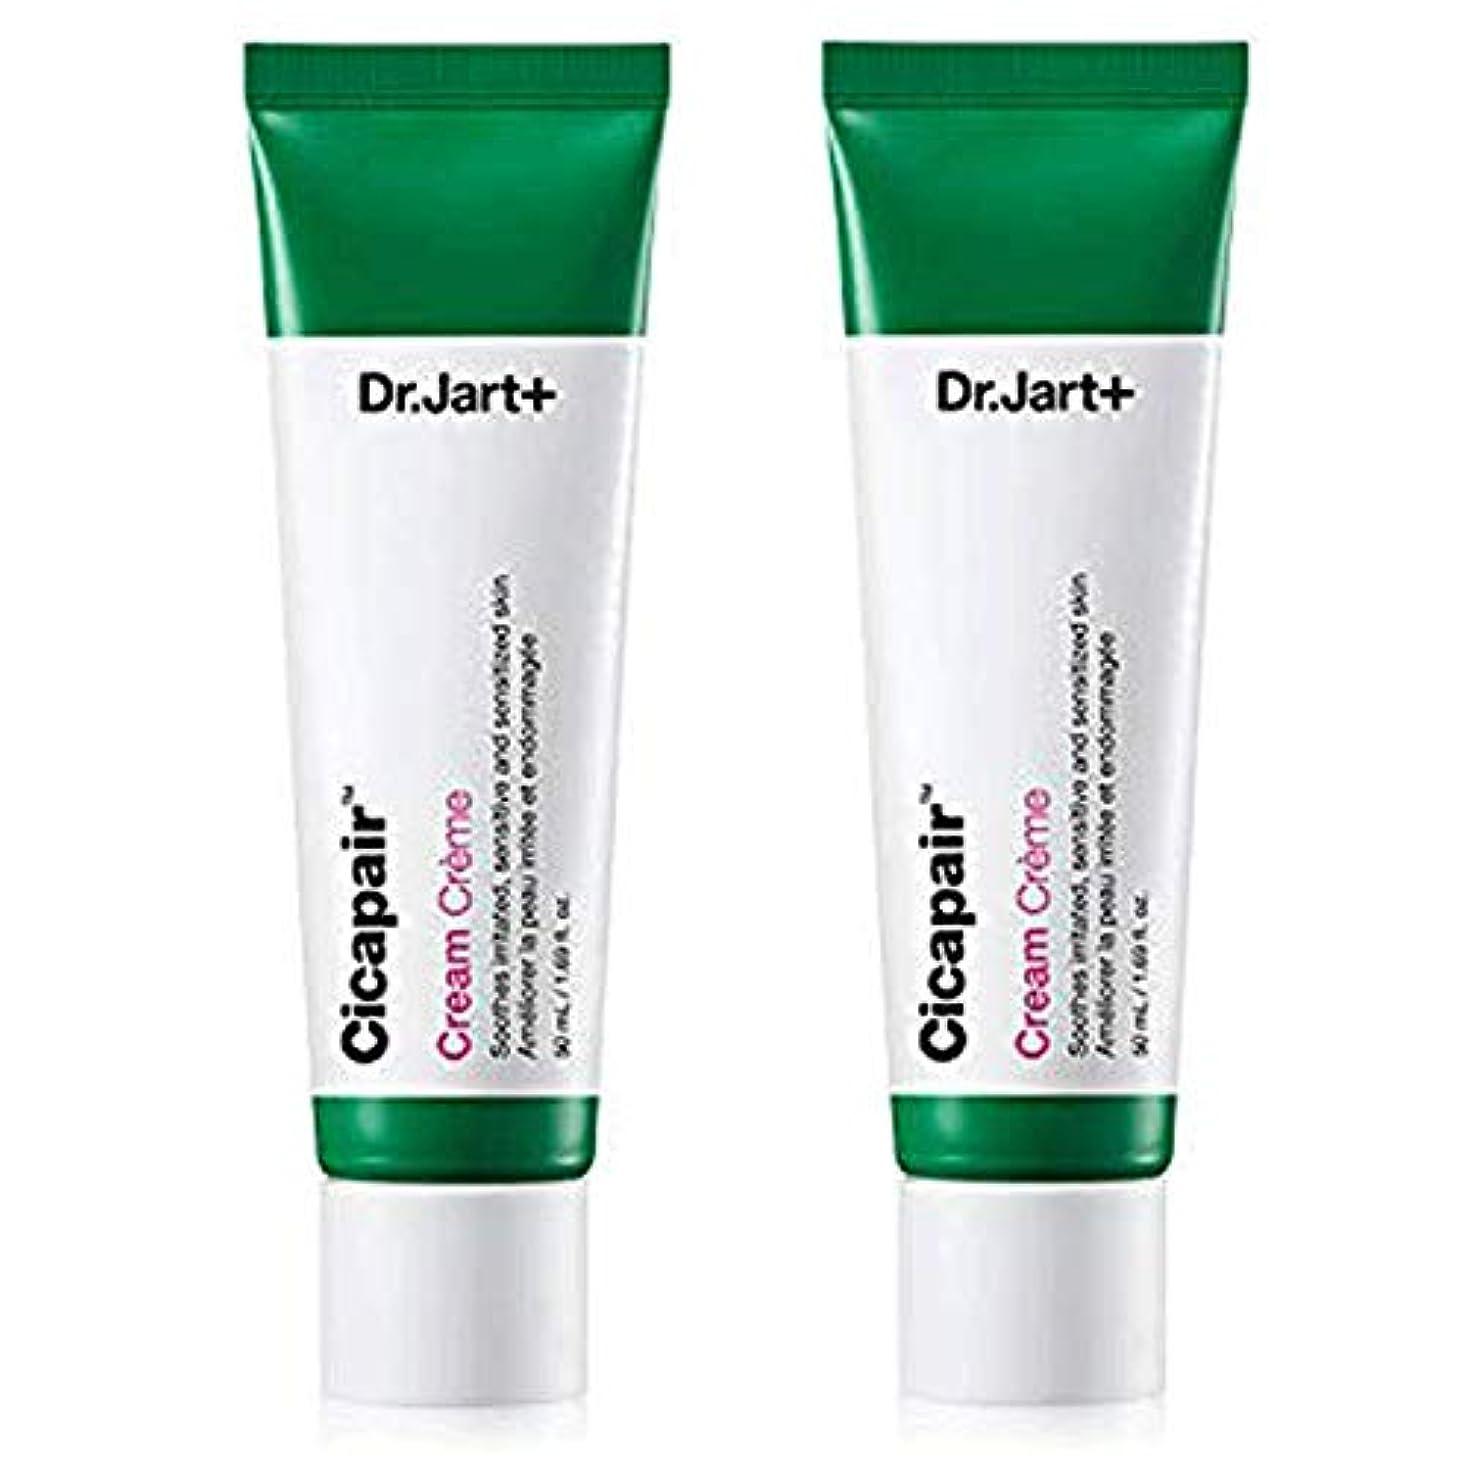 多様な許容できる暴動Dr.Jart+ Cicapair Cream 50ml x 2 ドクタージャルト シカ ペア クリーム 50ml x 2(2代目) [並行輸入品]